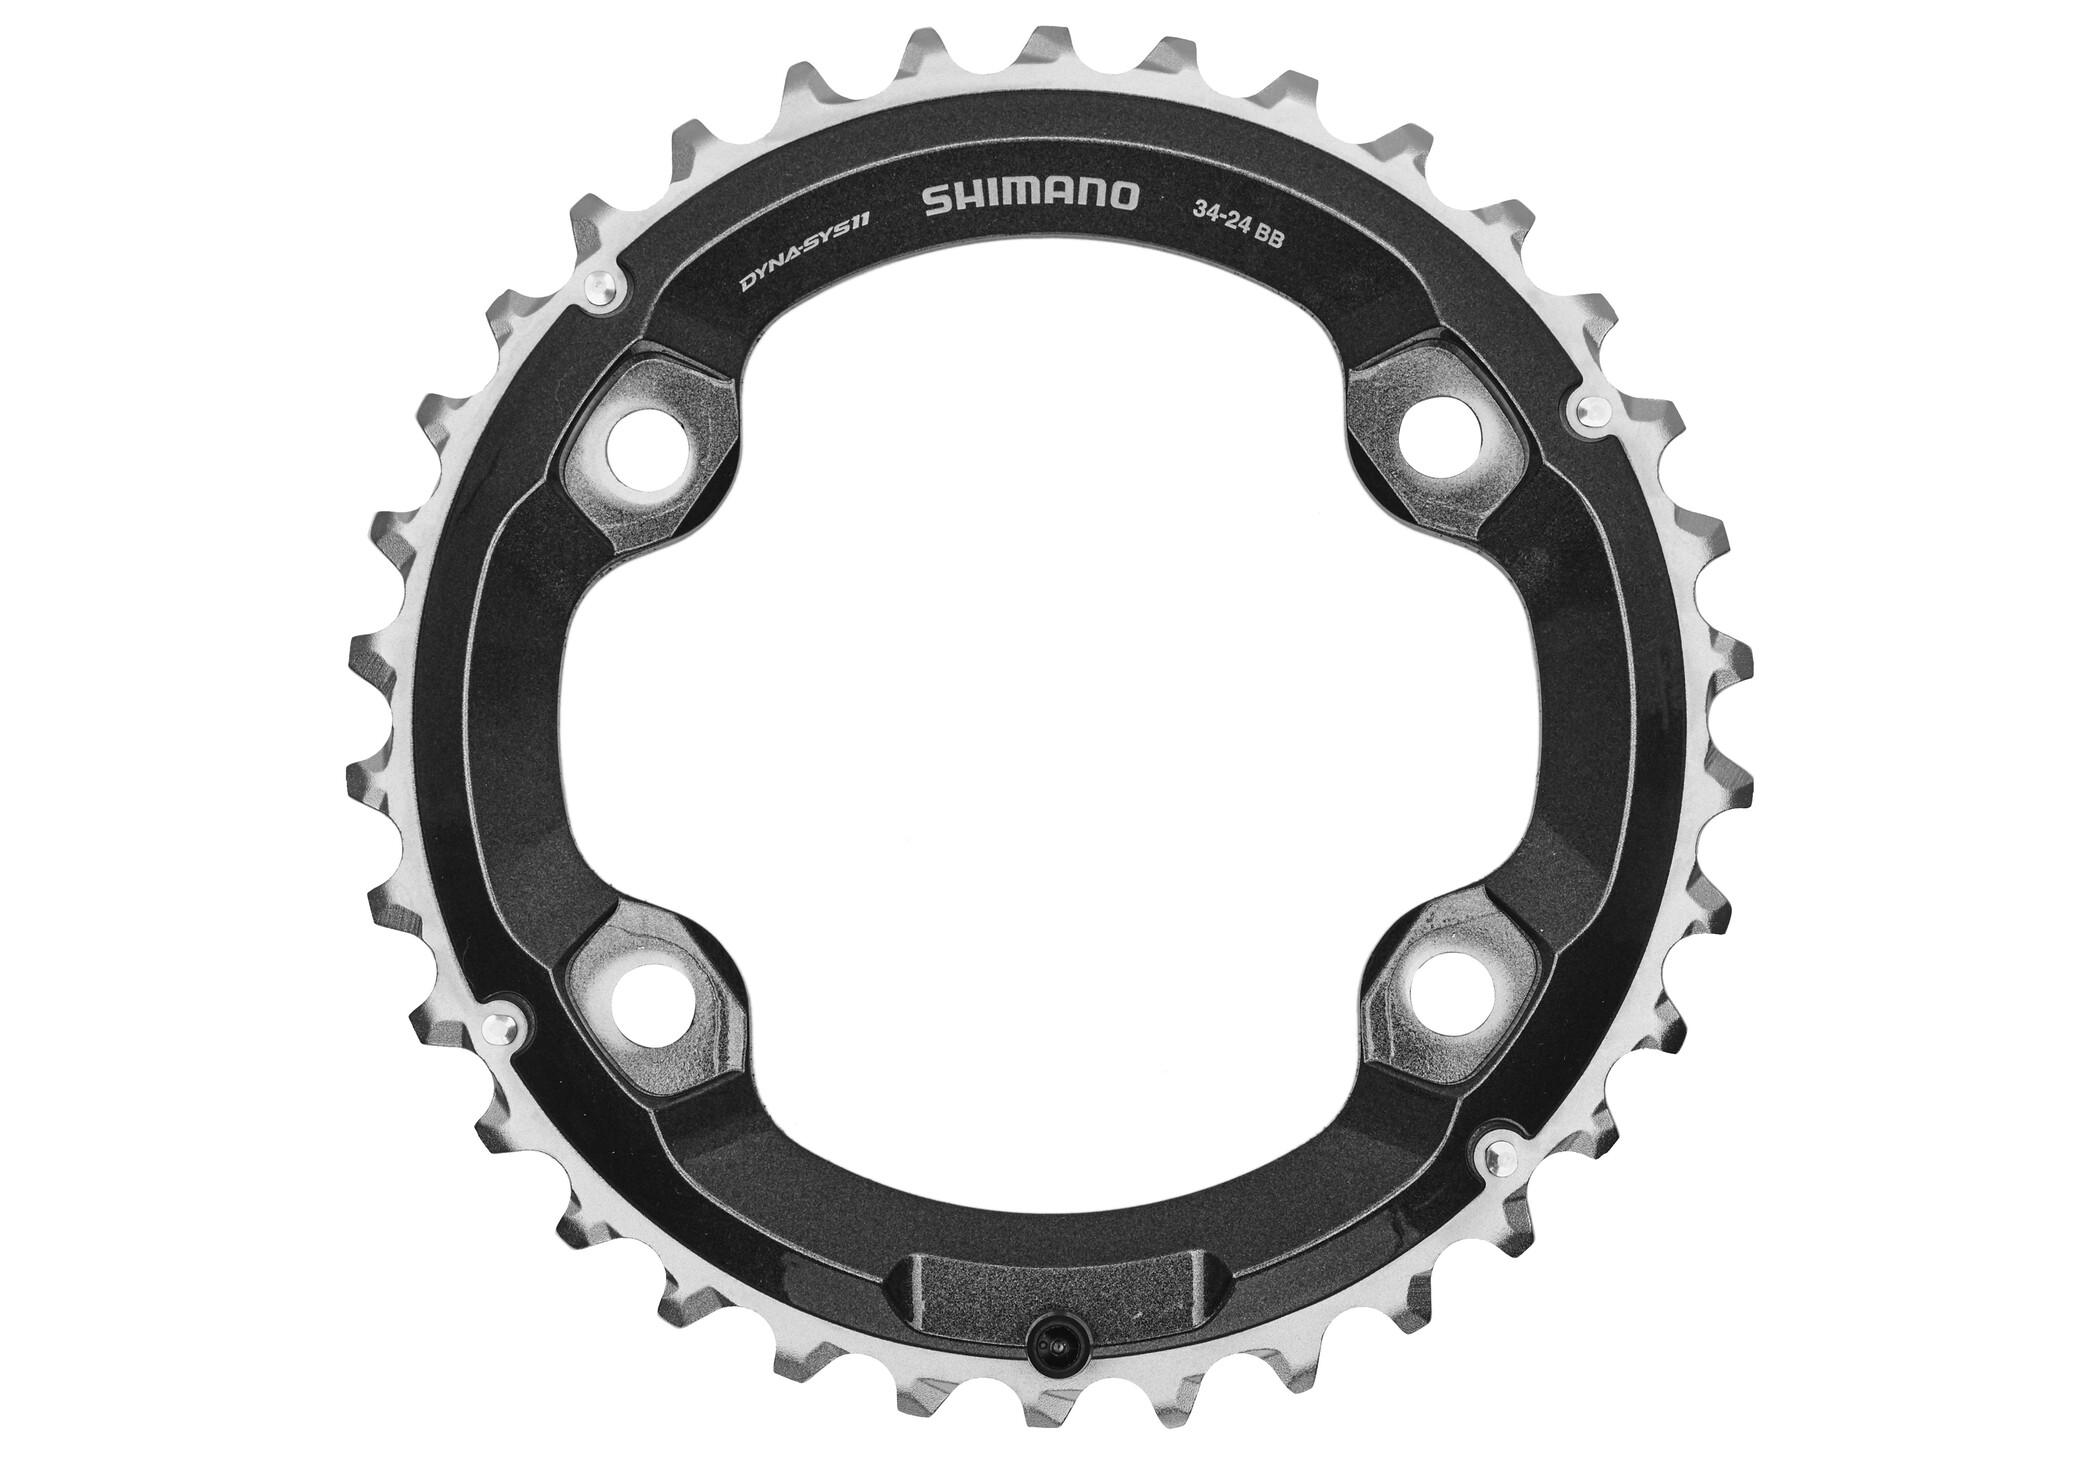 Shimano Deore XT FC-M8000 Klinge 2-trins (2019) | chainrings_component